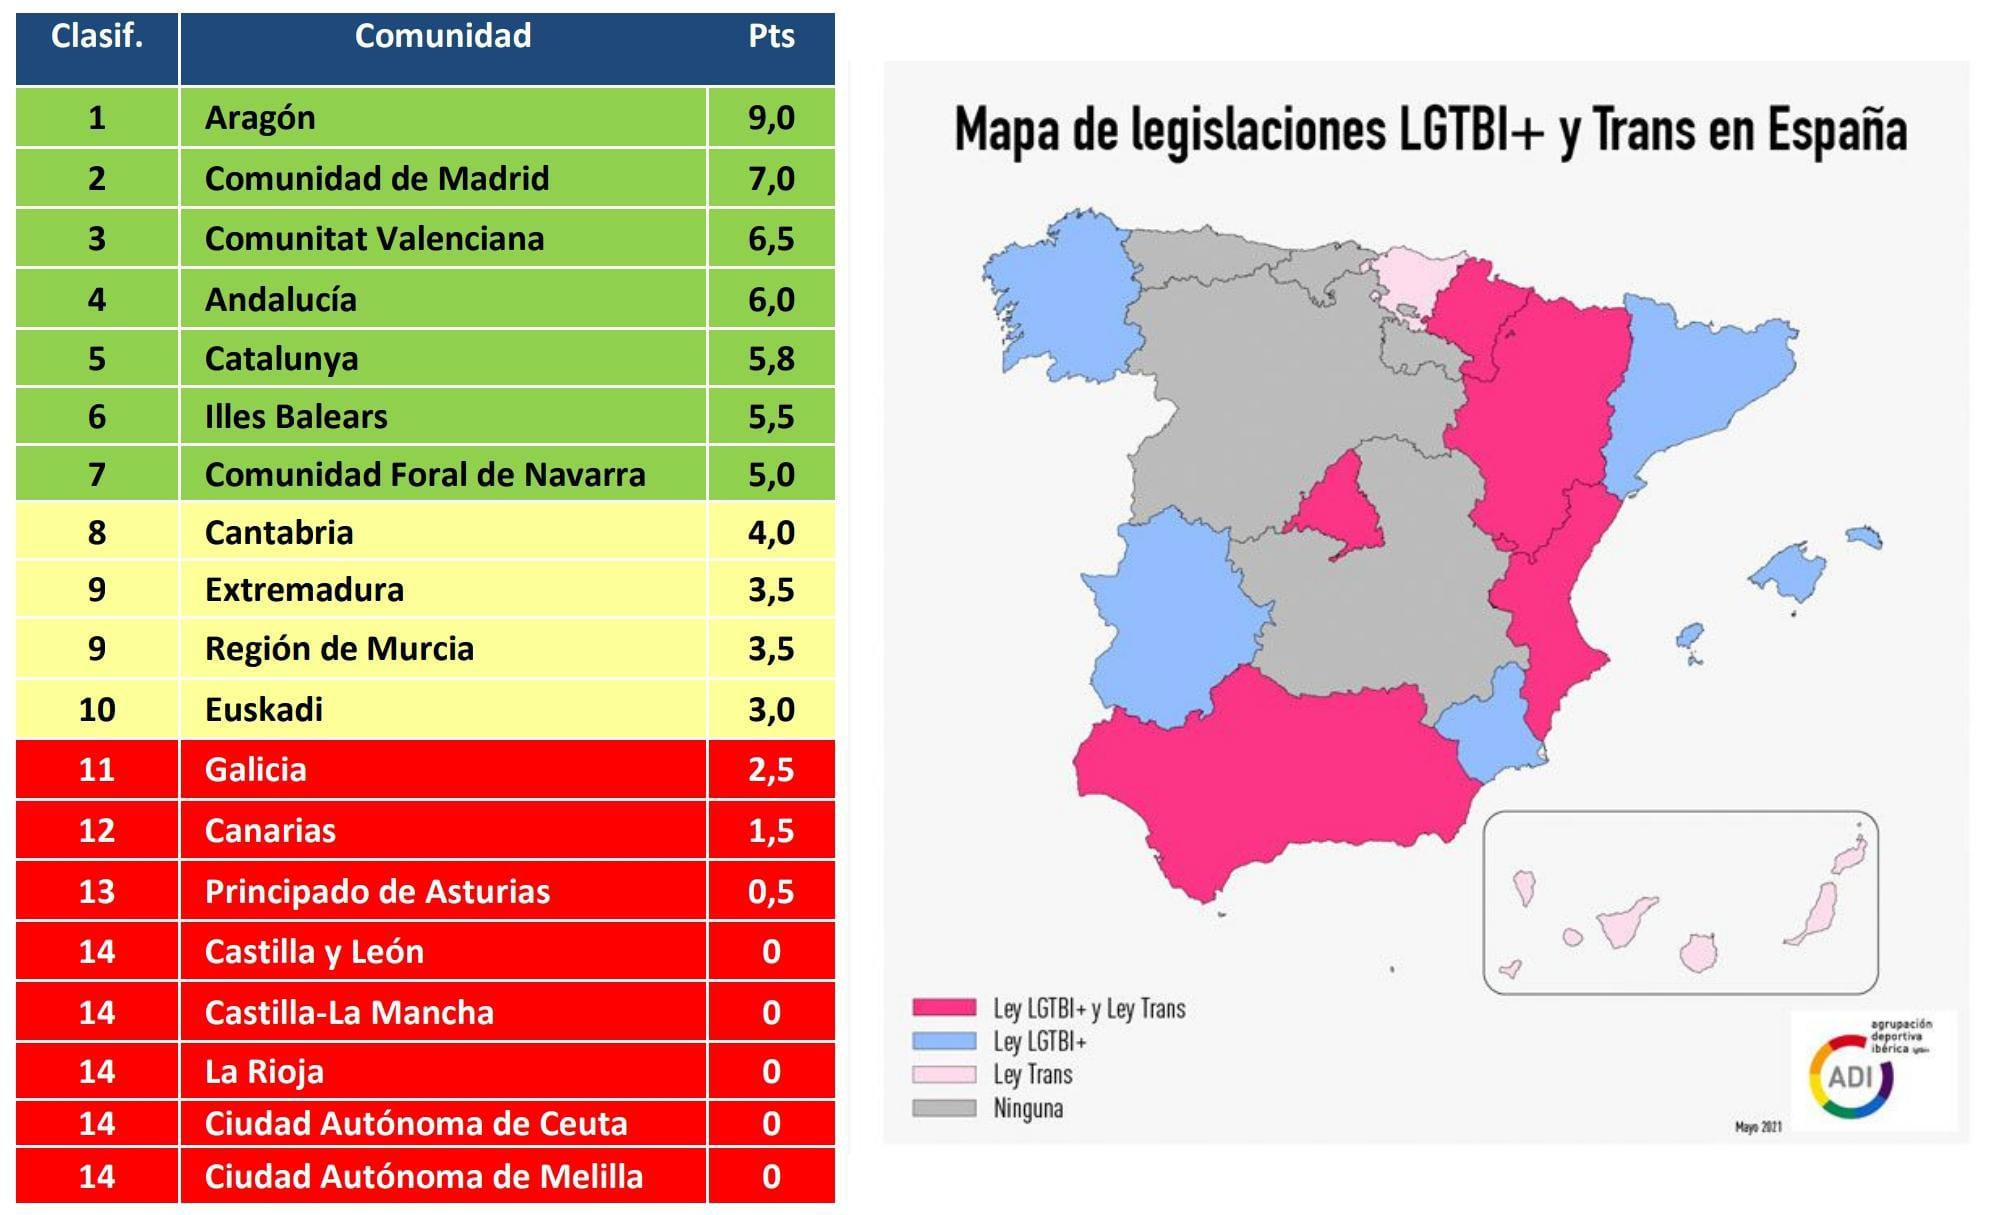 'Tarjeta Roja' para Asturias, las dos Castillas y La Rioja por carecer de legislación que proteja al colectivo LGTBI+